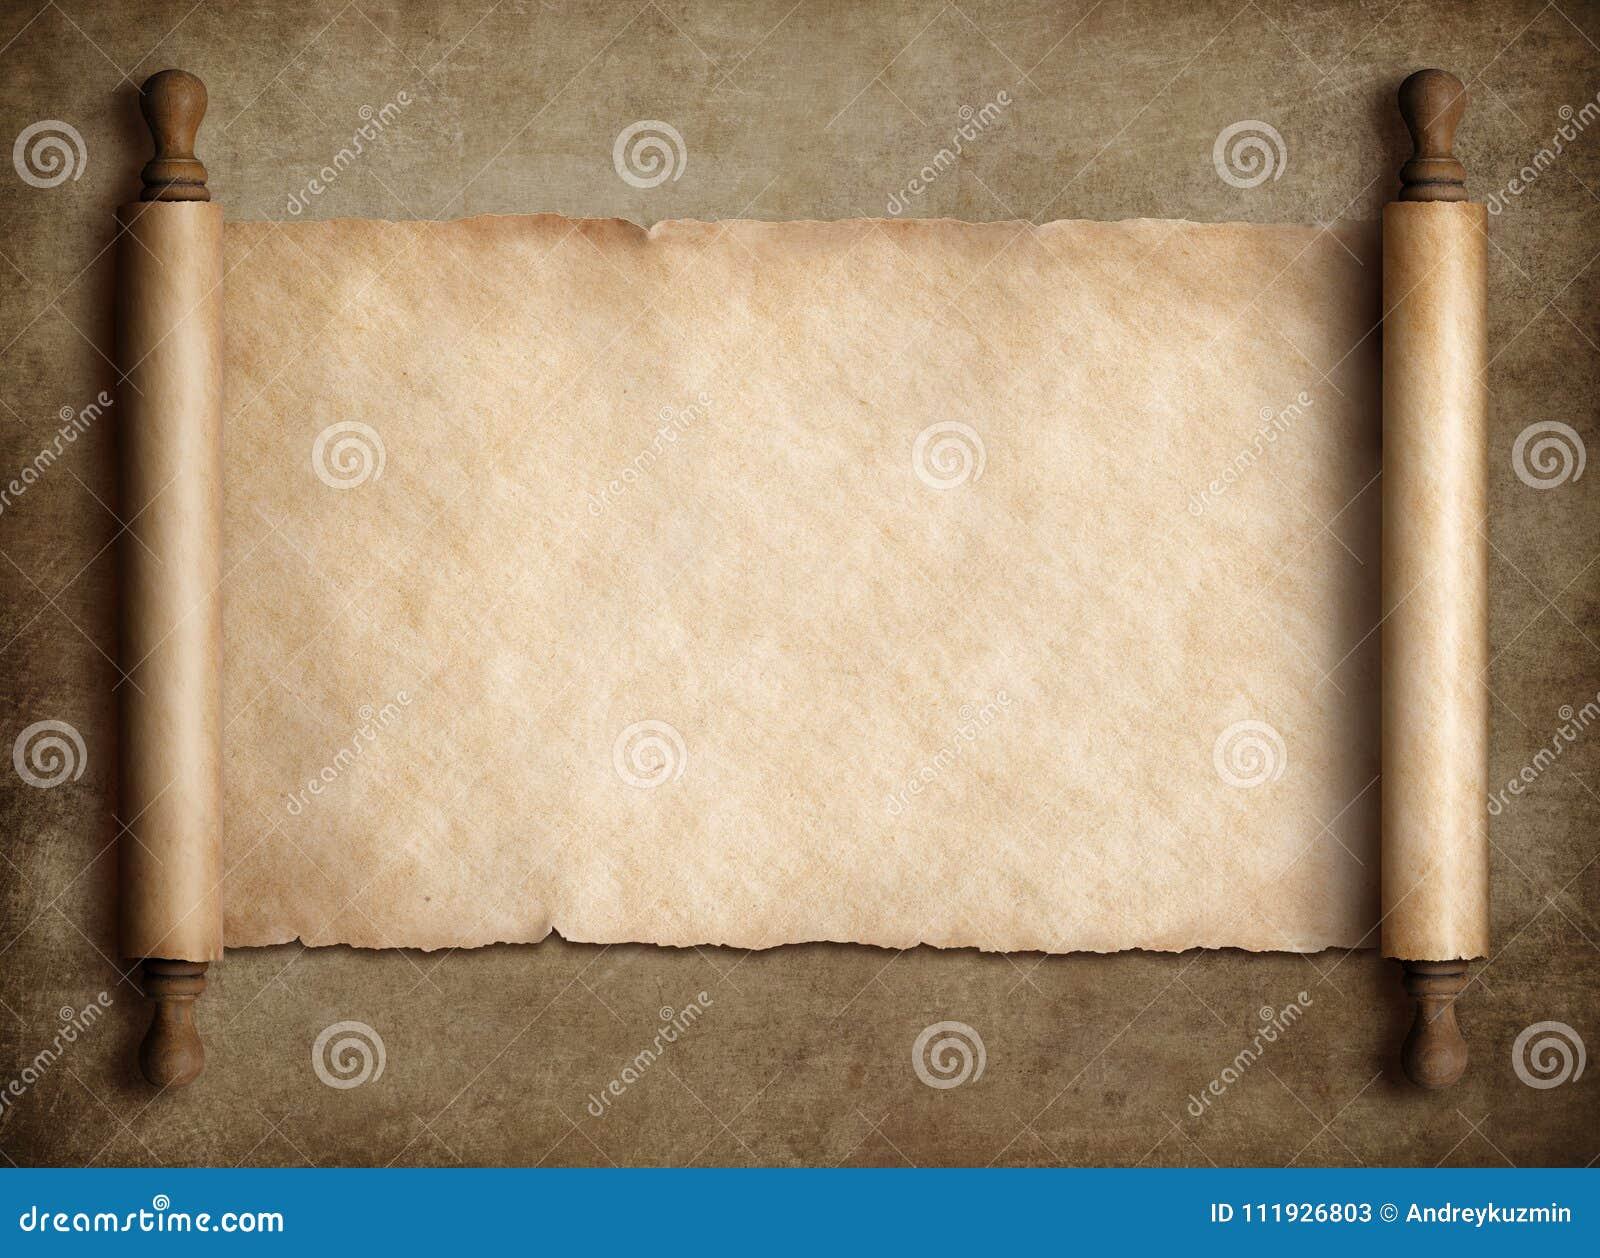 Pergamena antica del rotolo sopra vecchio fondo di carta